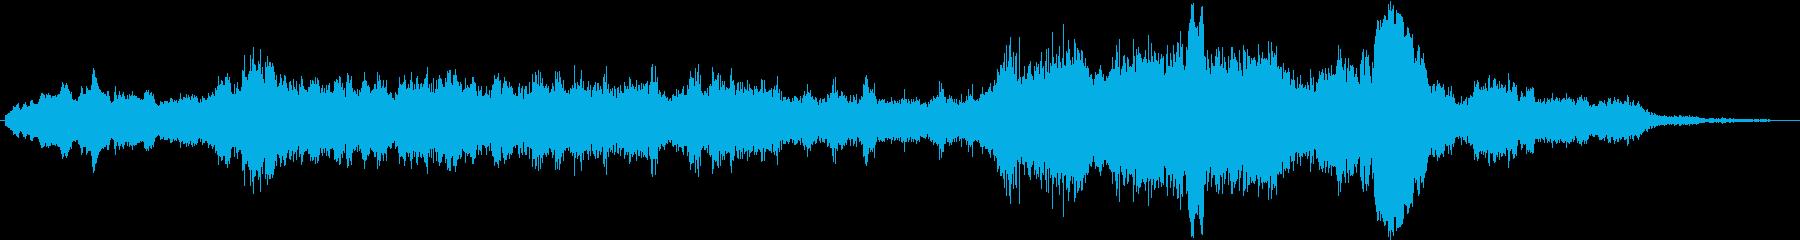 電気モーターの変調によるコンピュー...の再生済みの波形